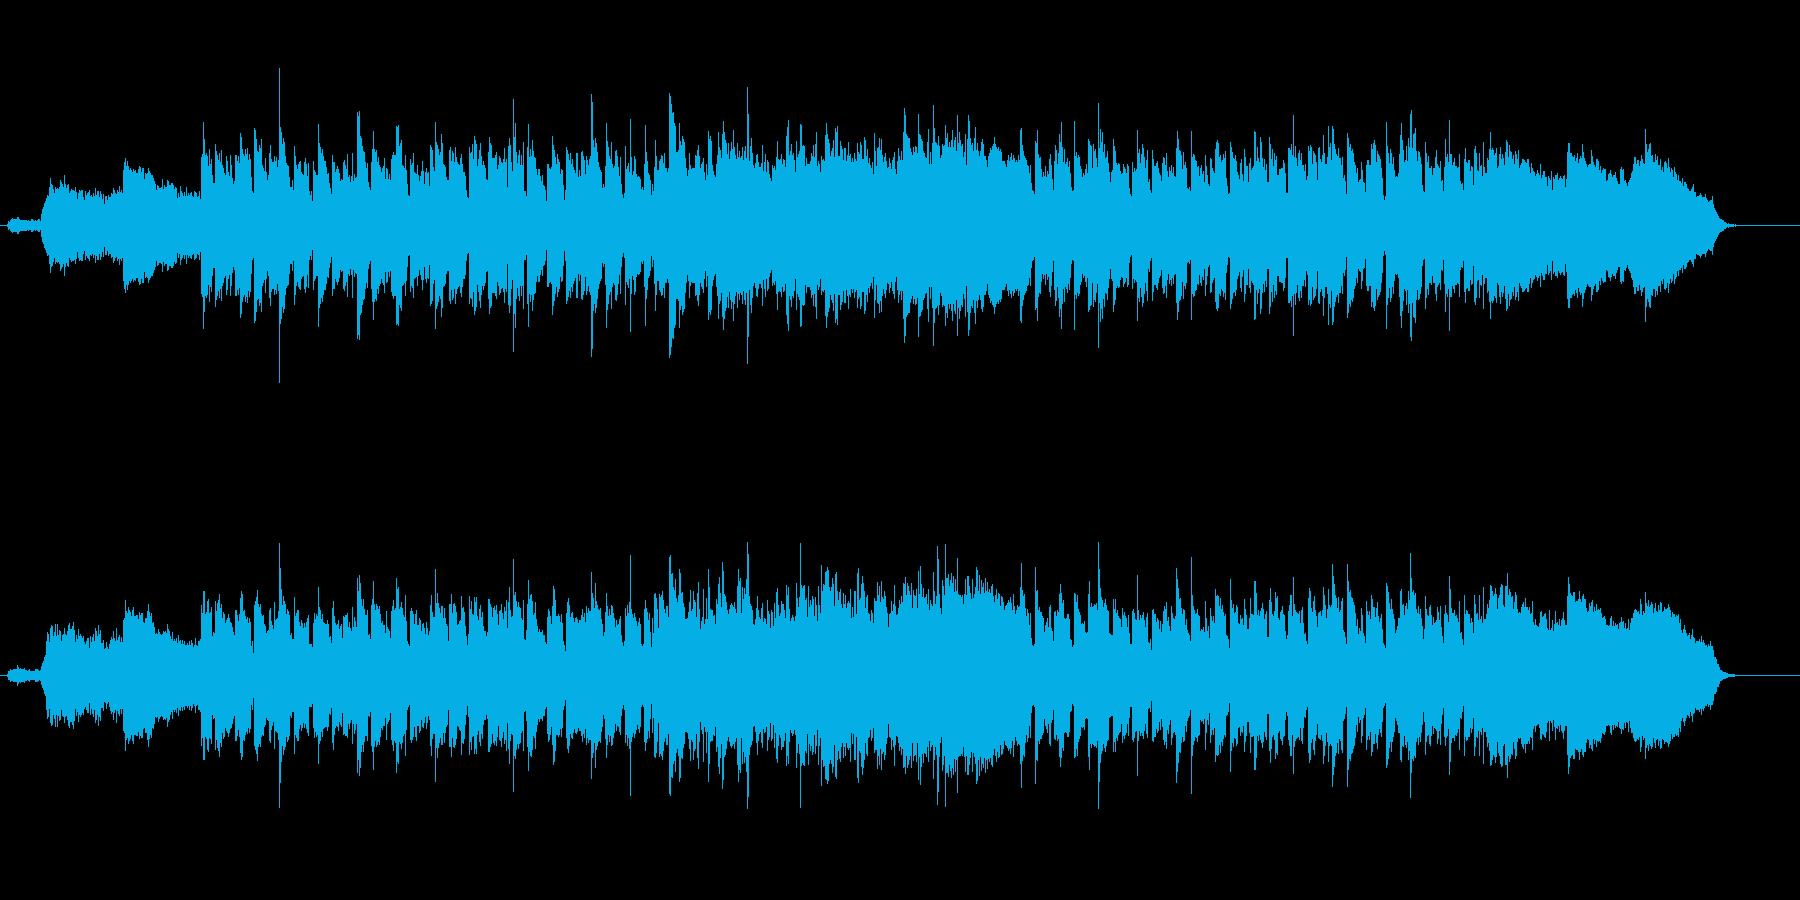 潤いのあるセンシティヴなラヴ・バラードの再生済みの波形